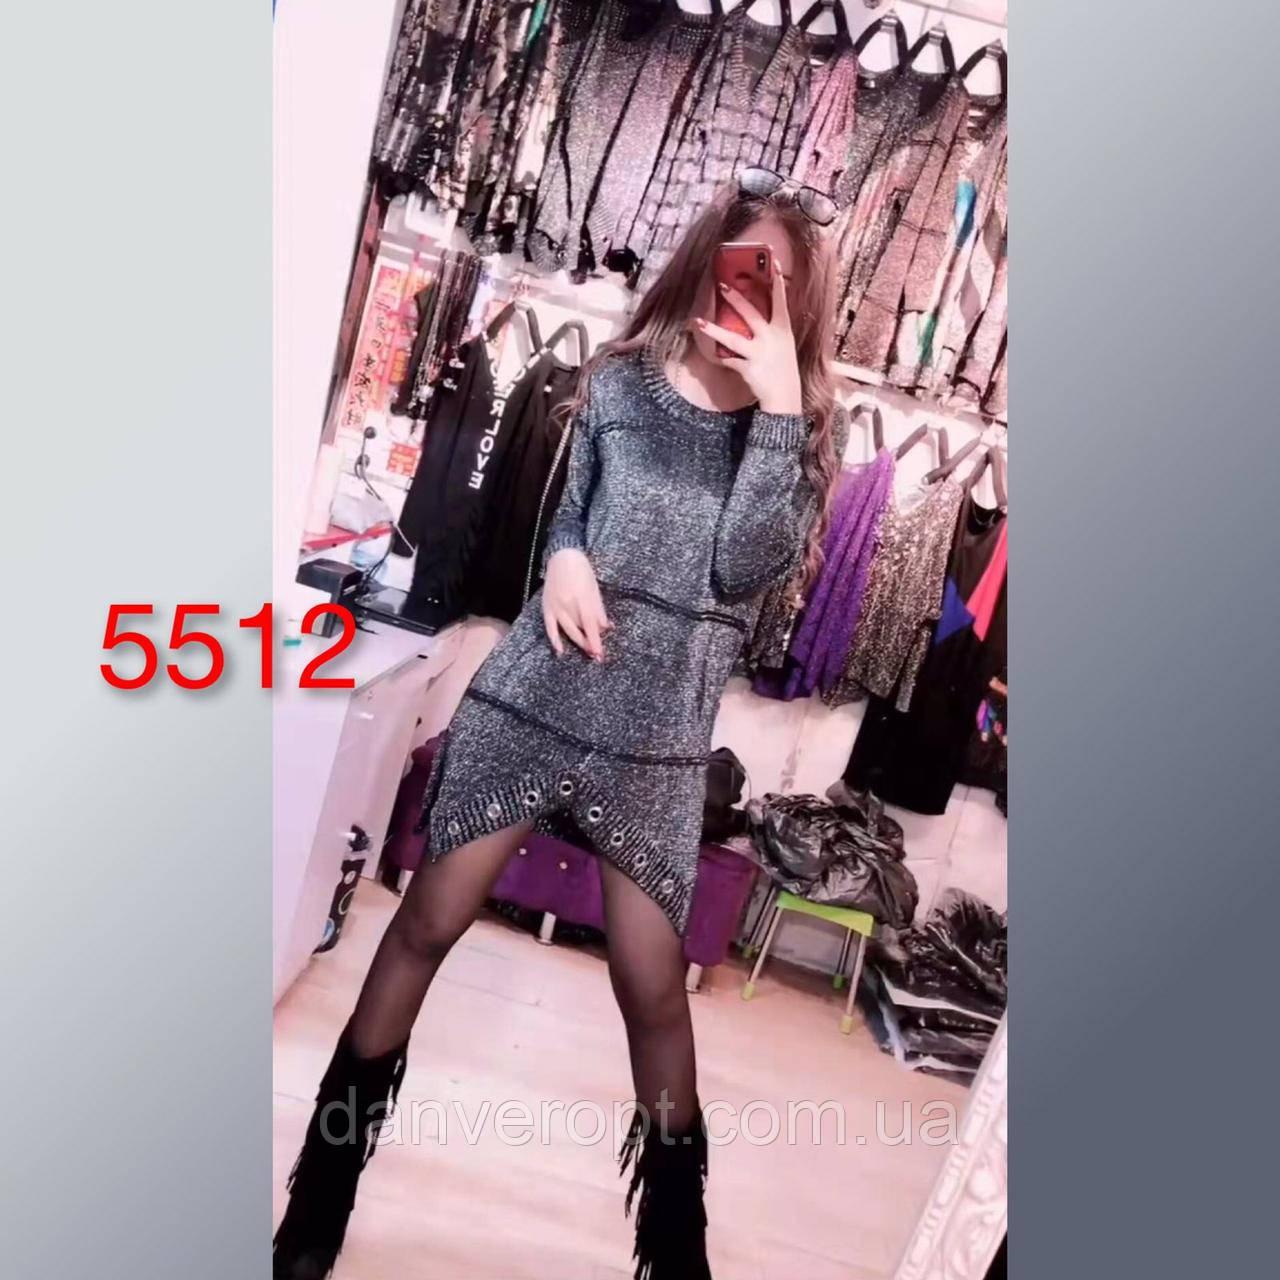 Платье-туника женская модная с люрексом размер универсальный 42-52 купить оптом со склада 7км Одесса